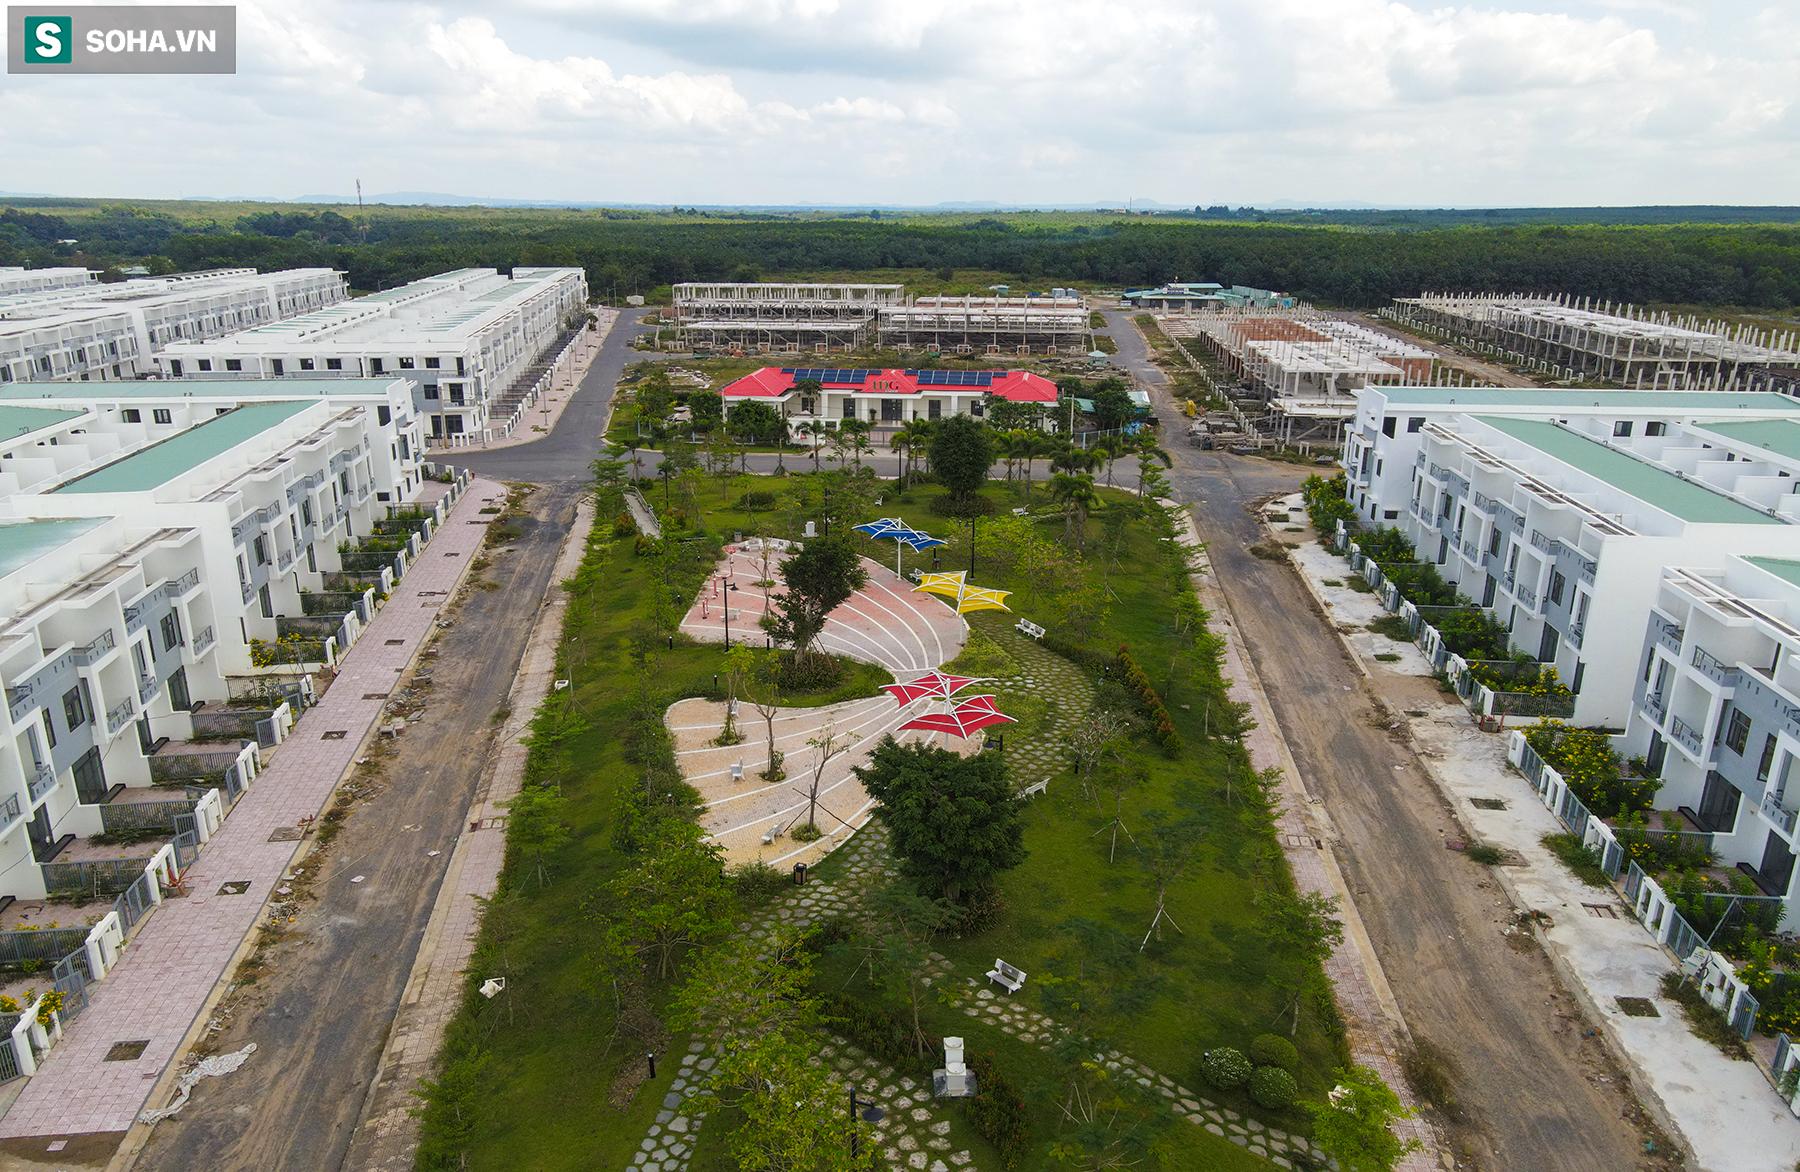 [Ảnh] Cận cảnh dự án với gần 700 căn nhà trái phép, được quảng cáo là đô thị thông minh đầu tiên tại Việt Nam - Ảnh 9.